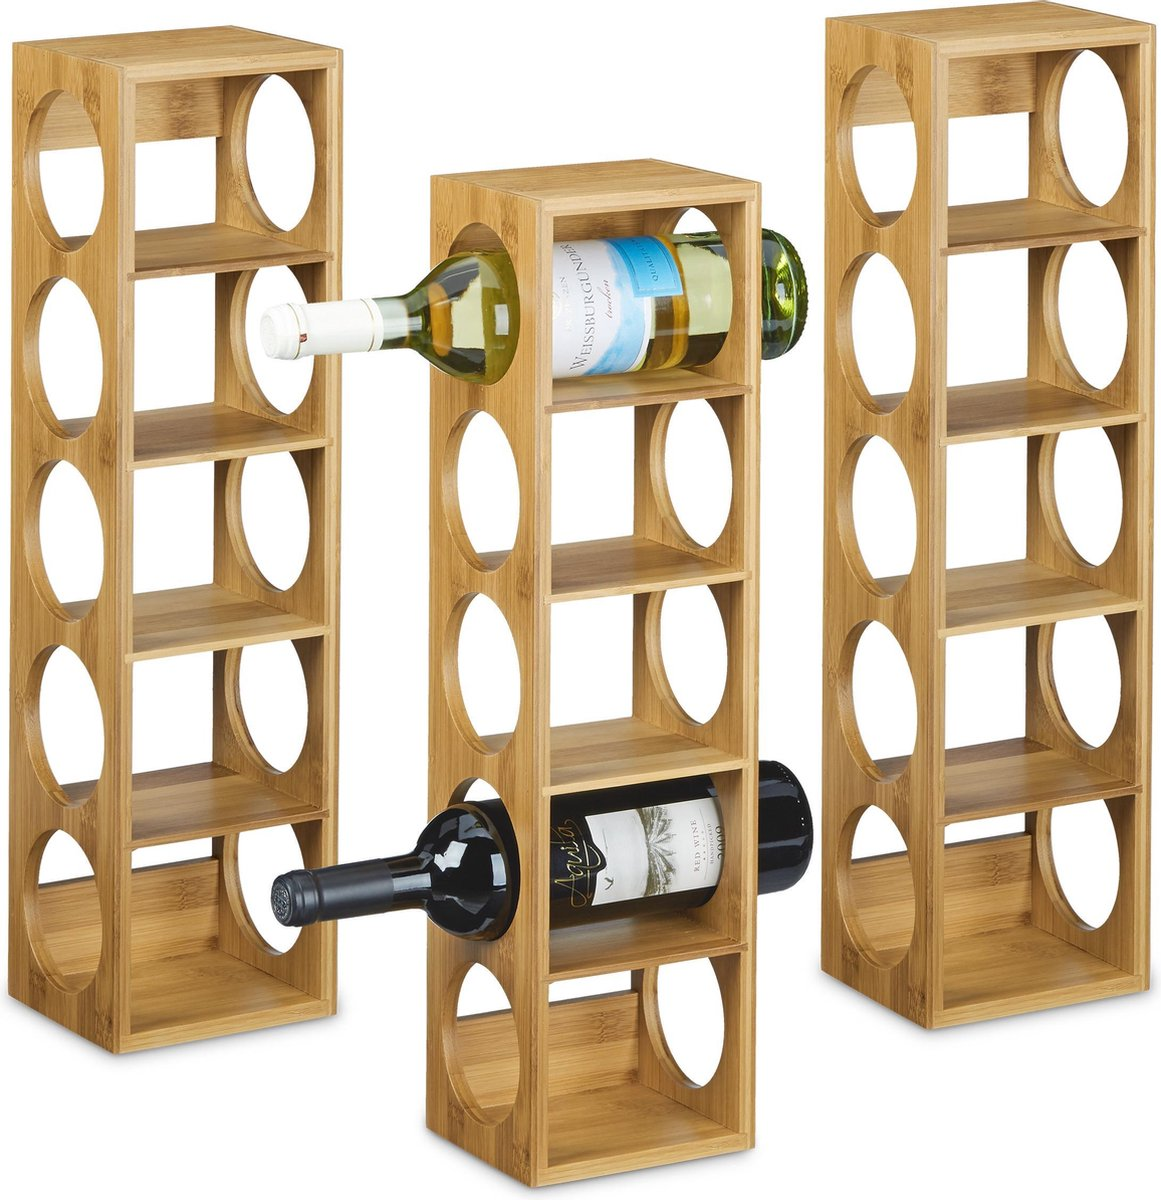 relaxdays 3 x wijnrek bamboe - wijnkast - flessenrek - wijn rek schap